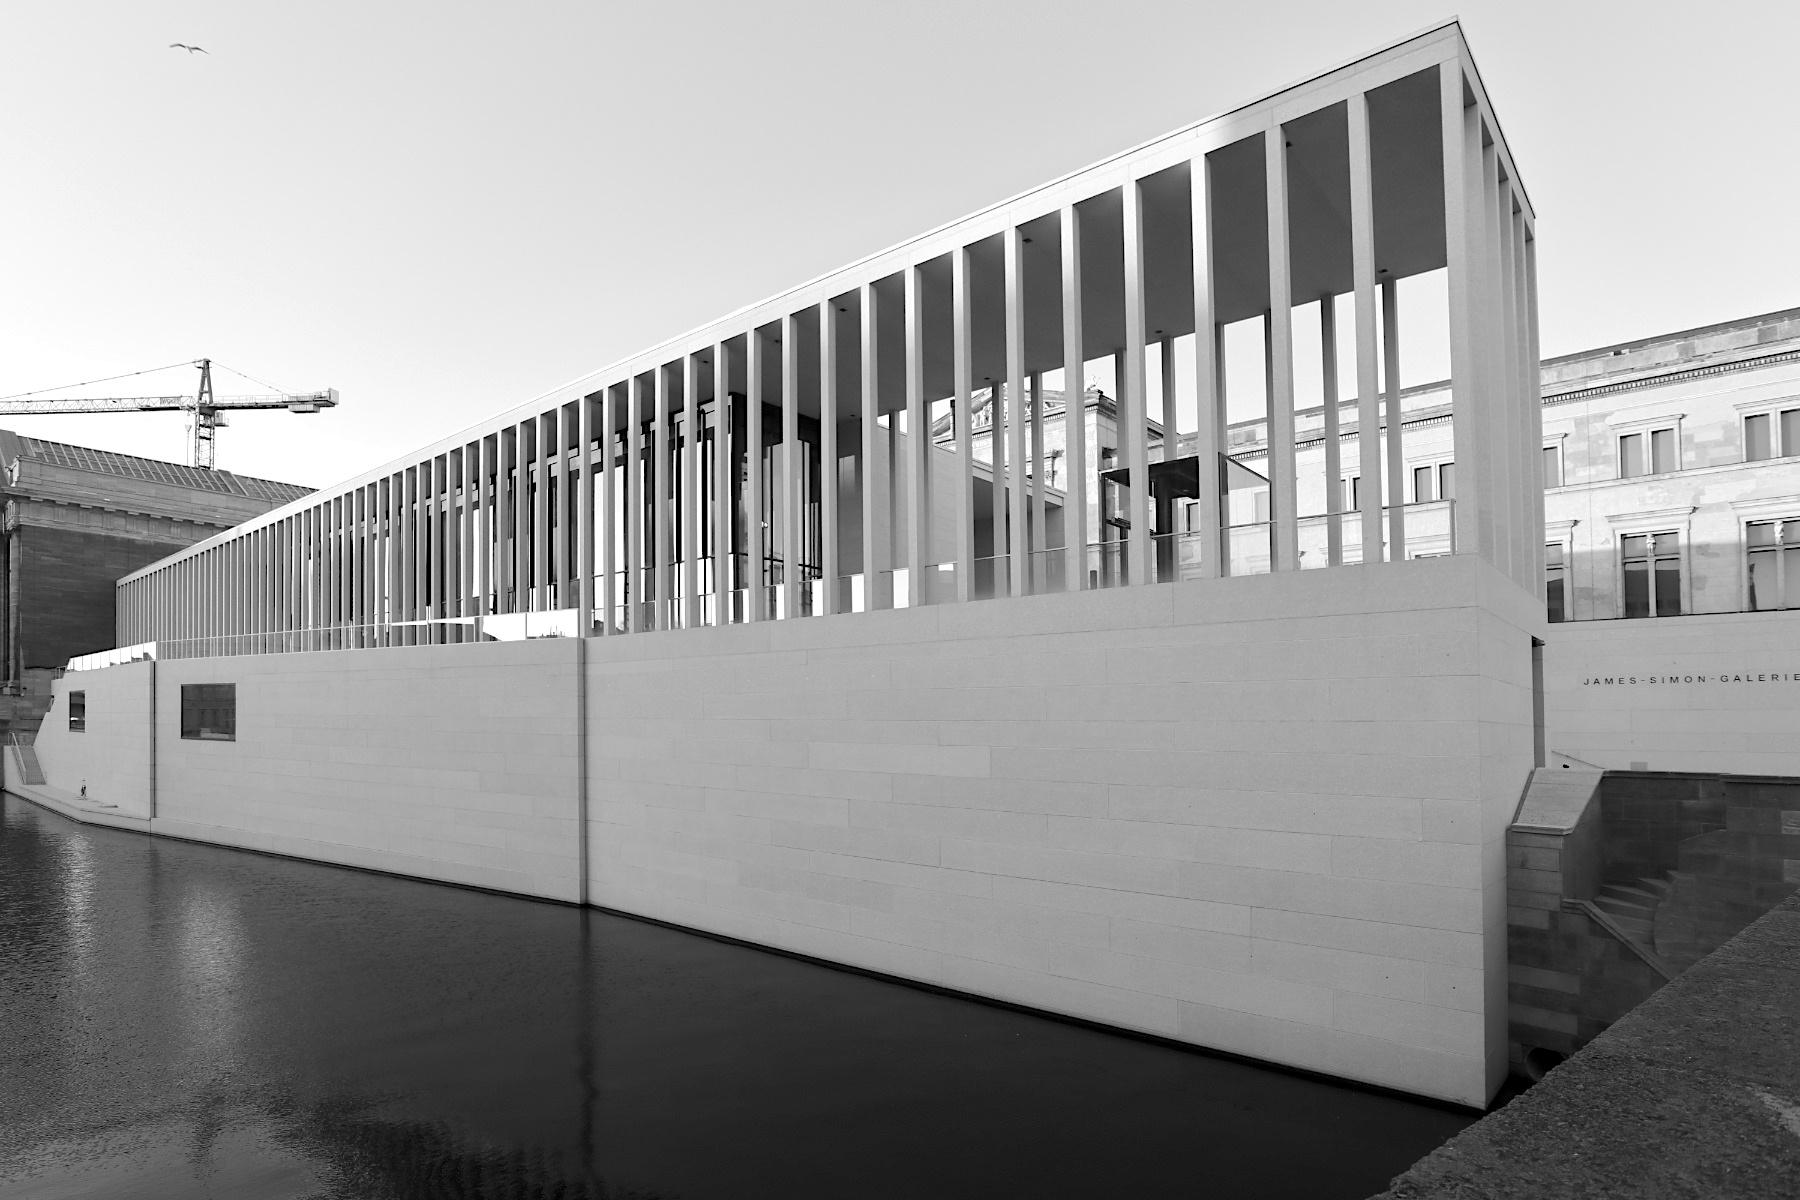 James-Simon-Galerie. Bauherr: Stiftung Preußischer Kulturbesitz, vertreten durch das Bundesamt für Bauwesen und Raumordnung. Architekt: David Chipperfield Architects, Entwurf: Alexander Schwarz.